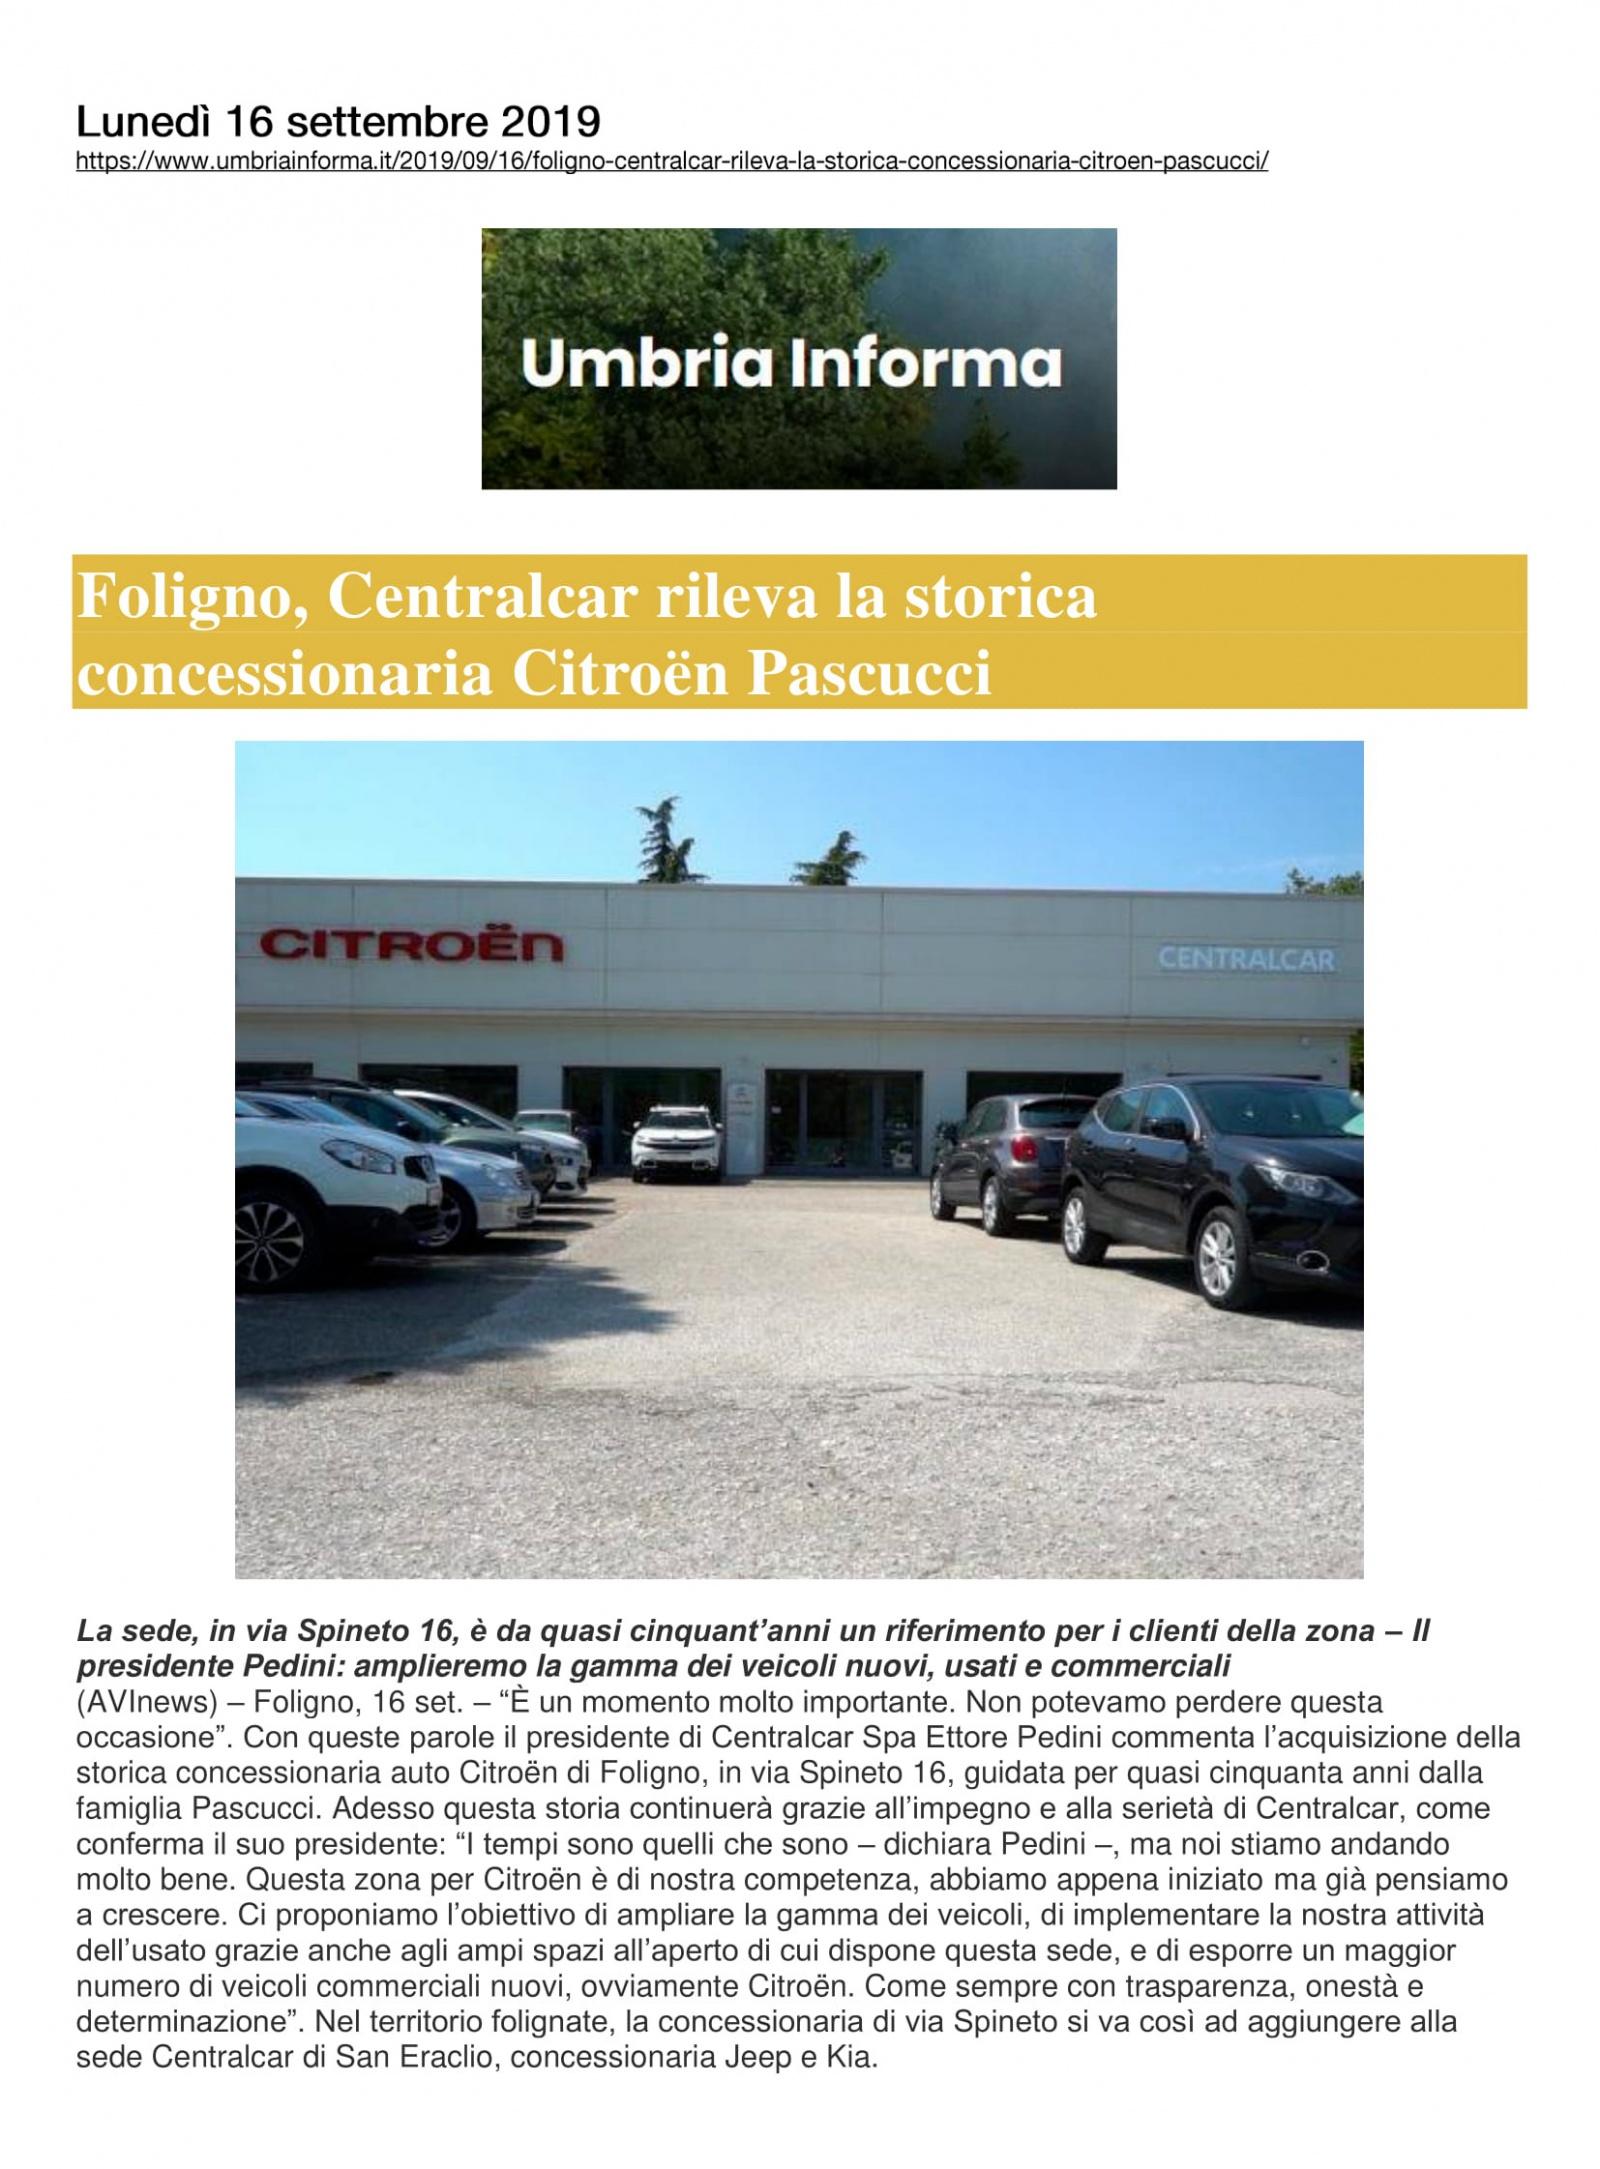 Foligno, Centralcar rileva la storica concessionaria Citroën Pascucci